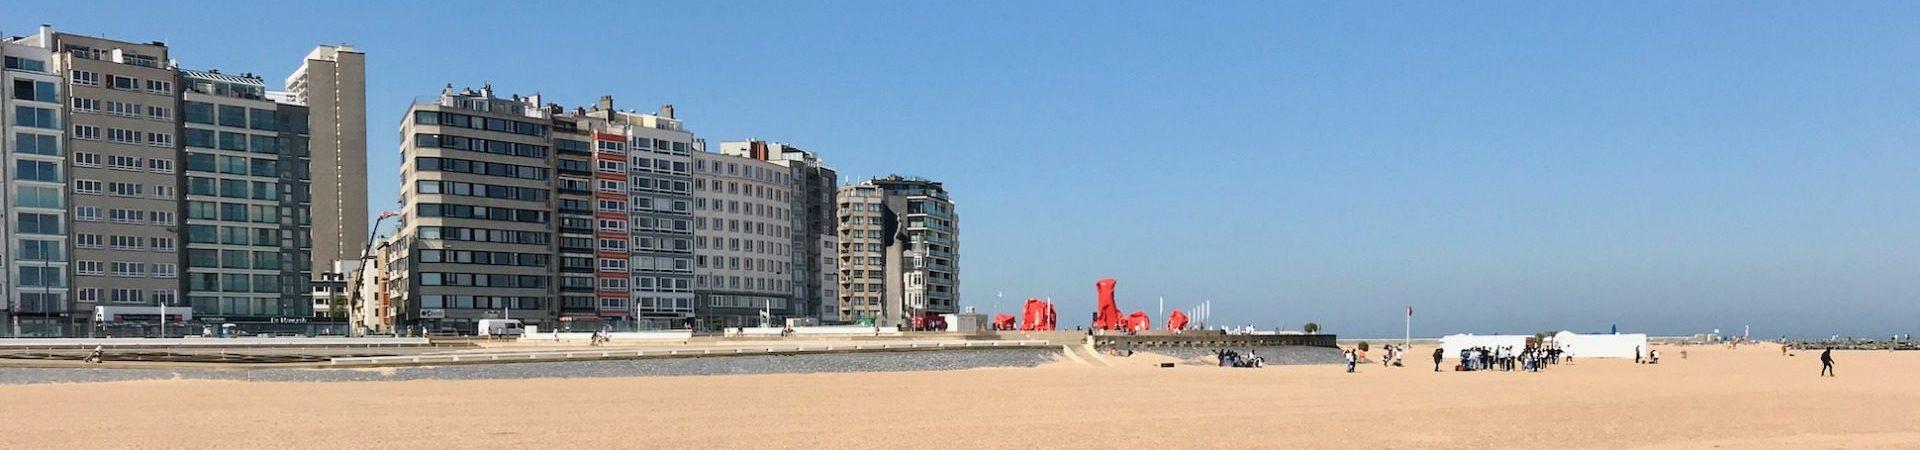 Fietsroute, fietsblog, review, fietsverslag, Kust, icoonroute, Oostende